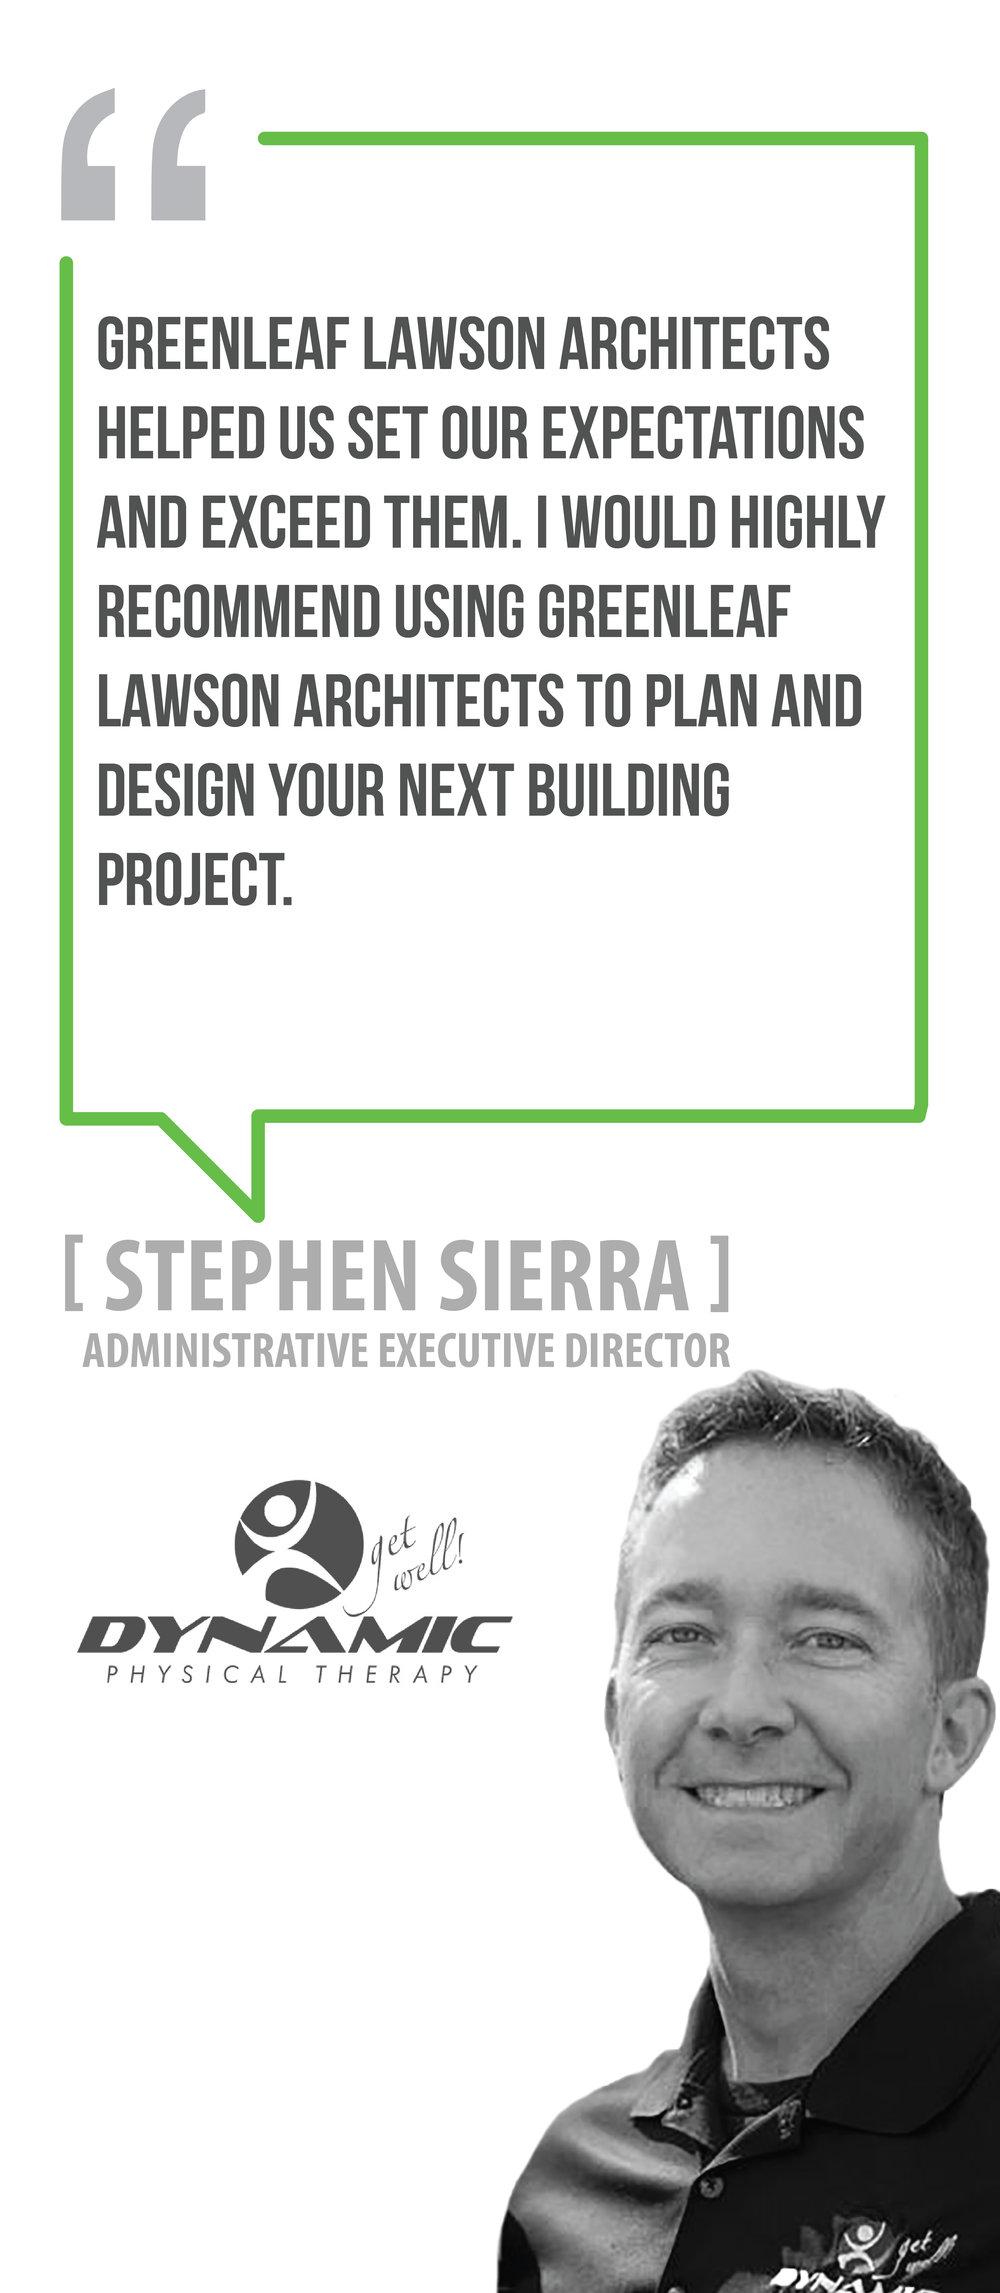 Greenleaf_Lawson_Architects-Testimonials-Vertical-03.jpg